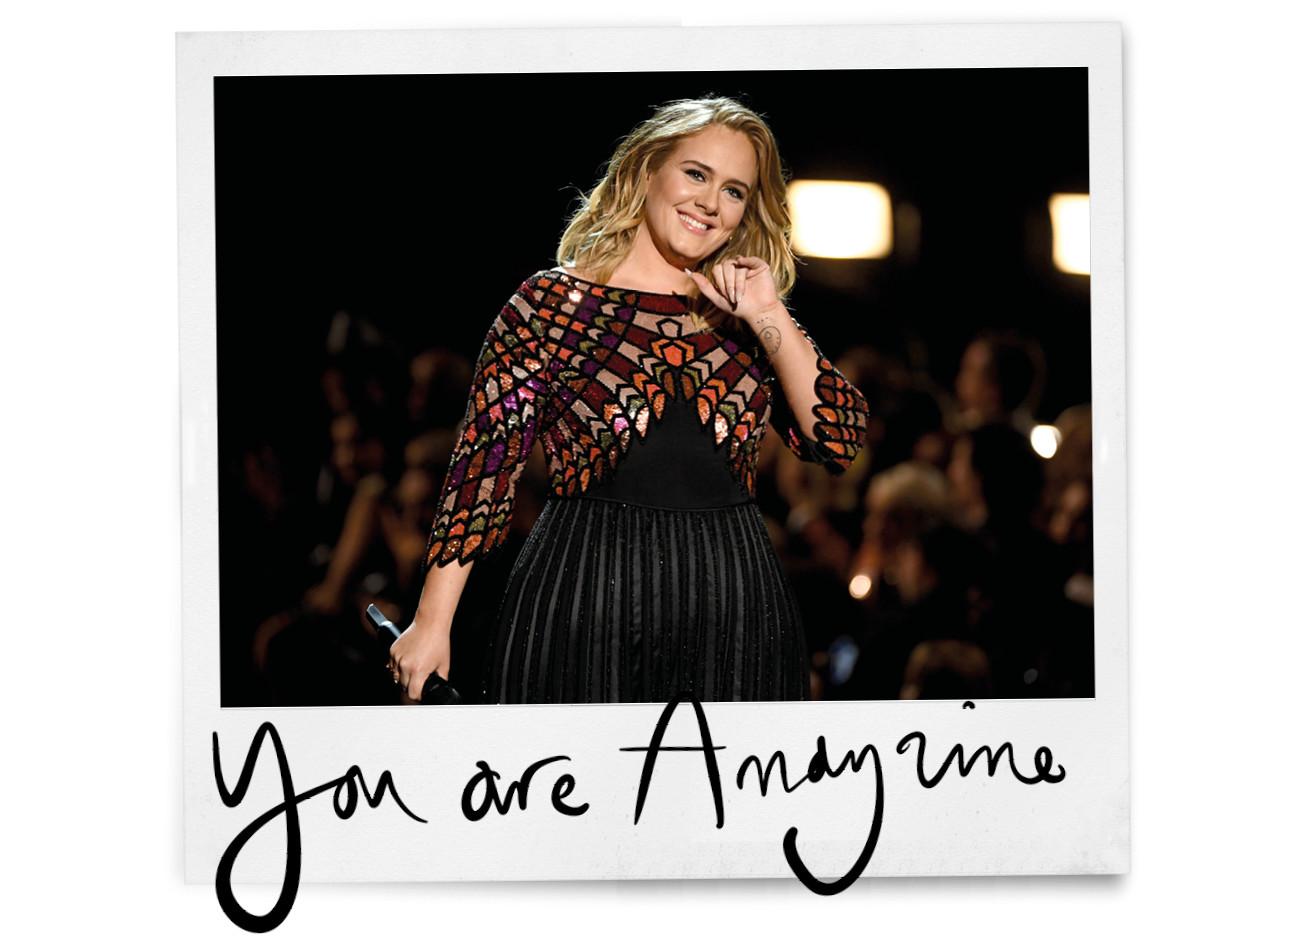 Adele lachend zwaaiend op het podium in een mooie lange gala jurk